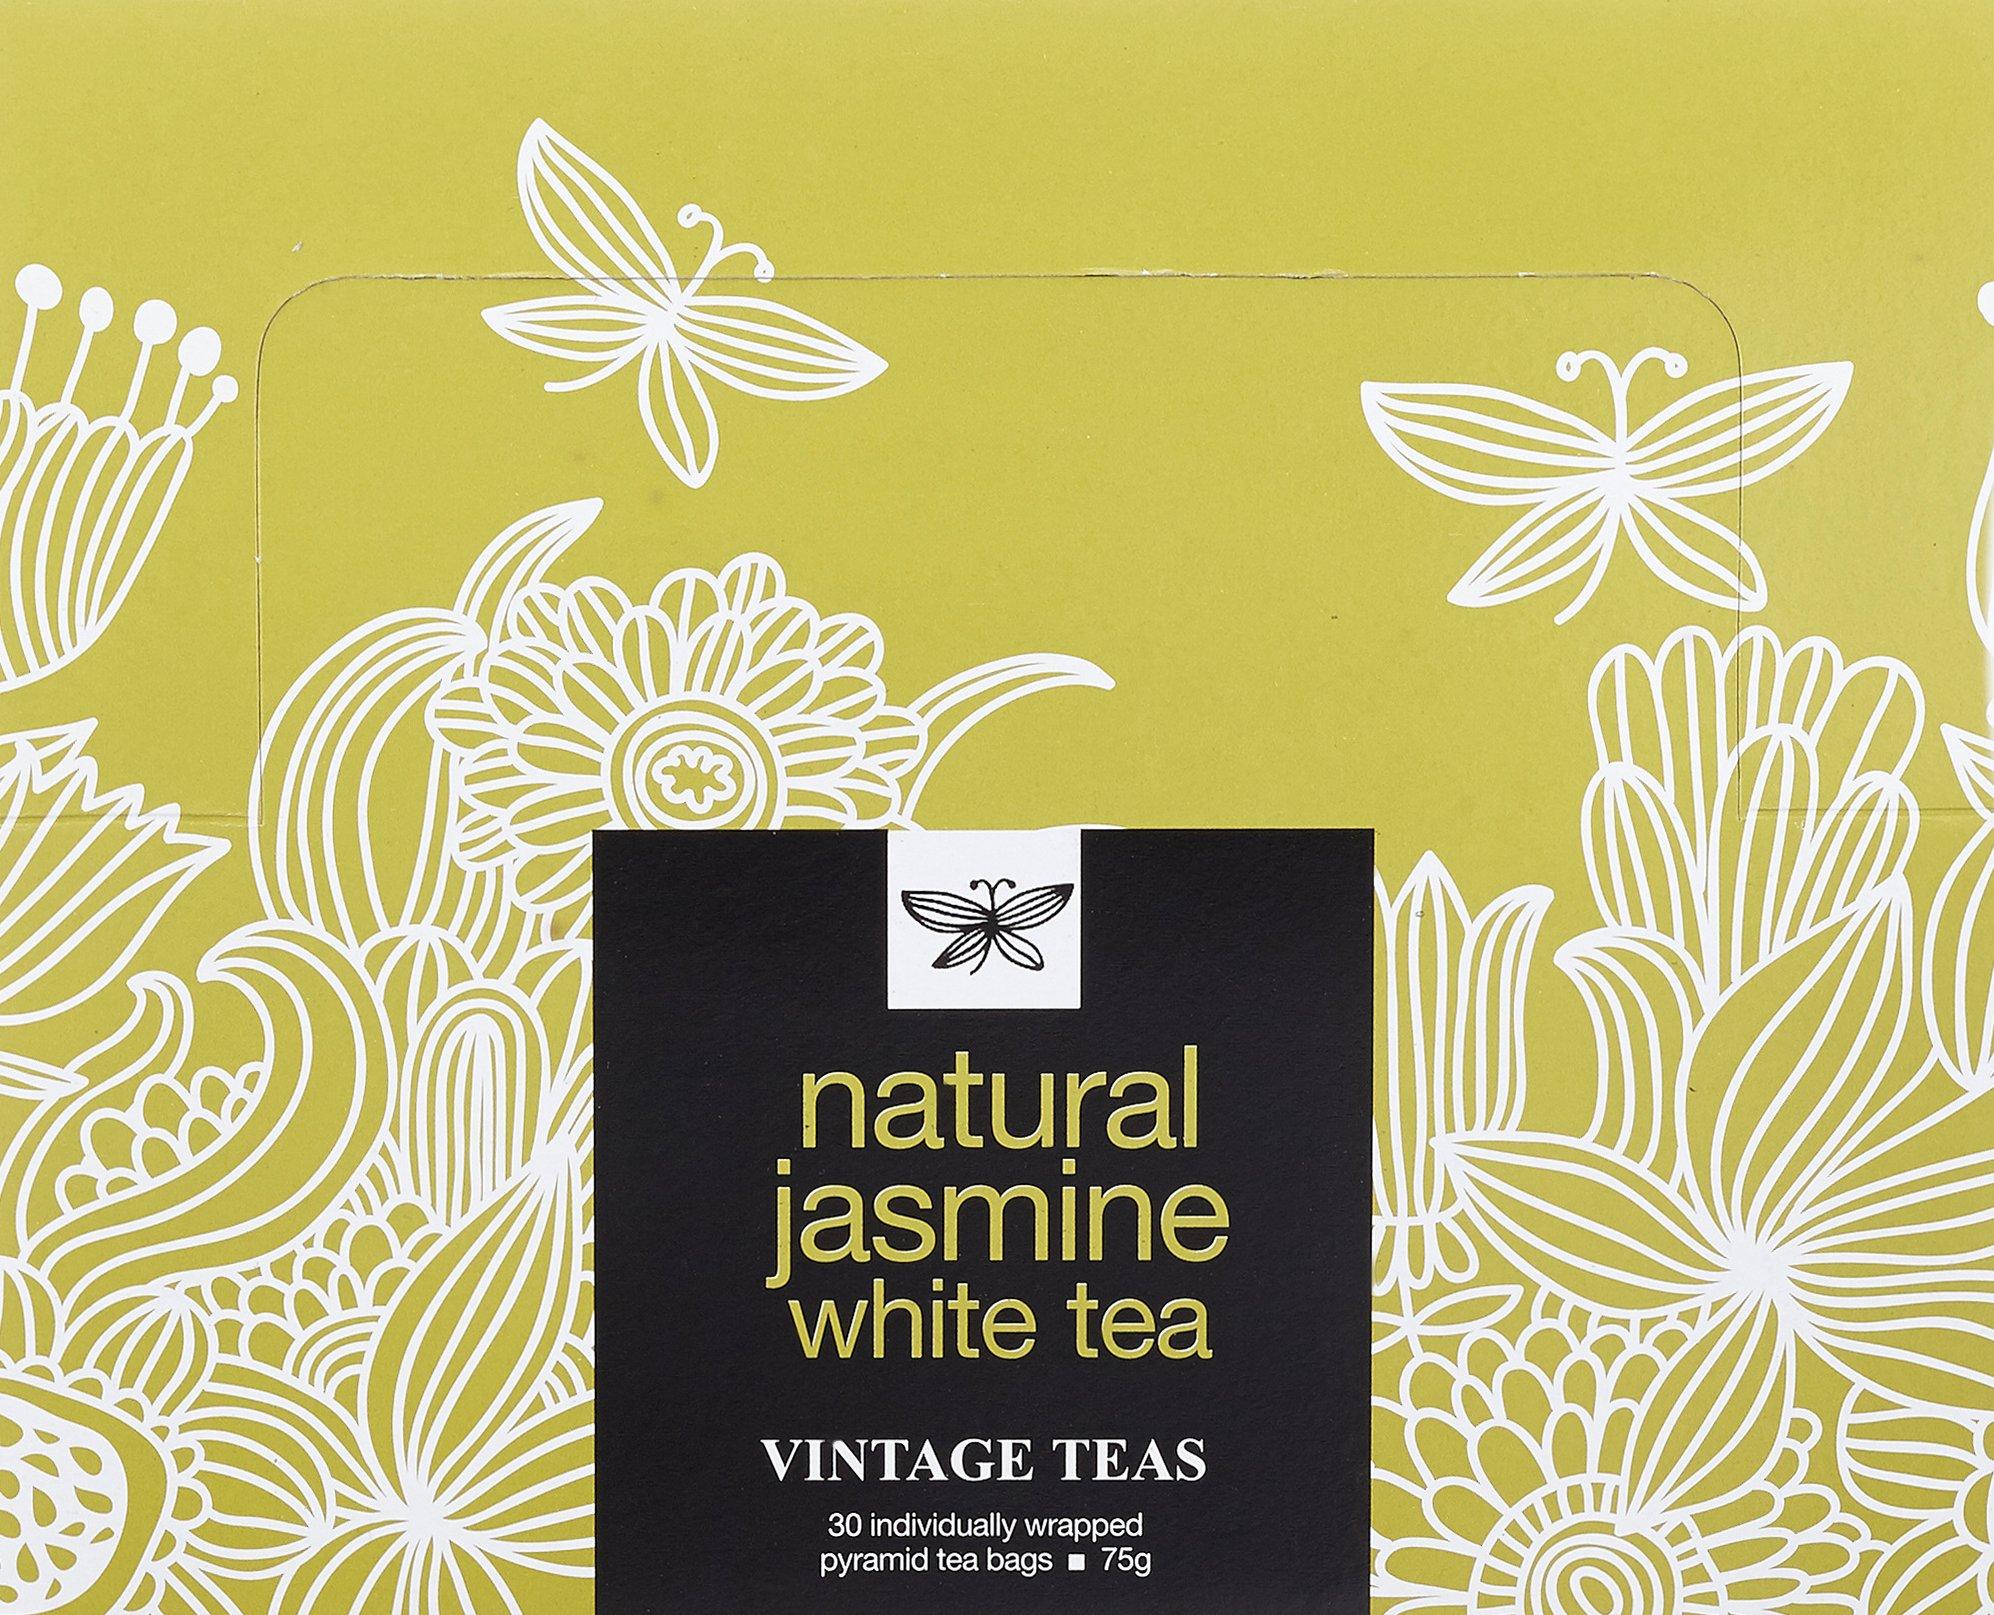 Vintage-Teas-Weier-Tee-mit-Jasminblten-30-einzeln-verpackte-Pyramidenbeutel-1er-Pack-1-x-75-g